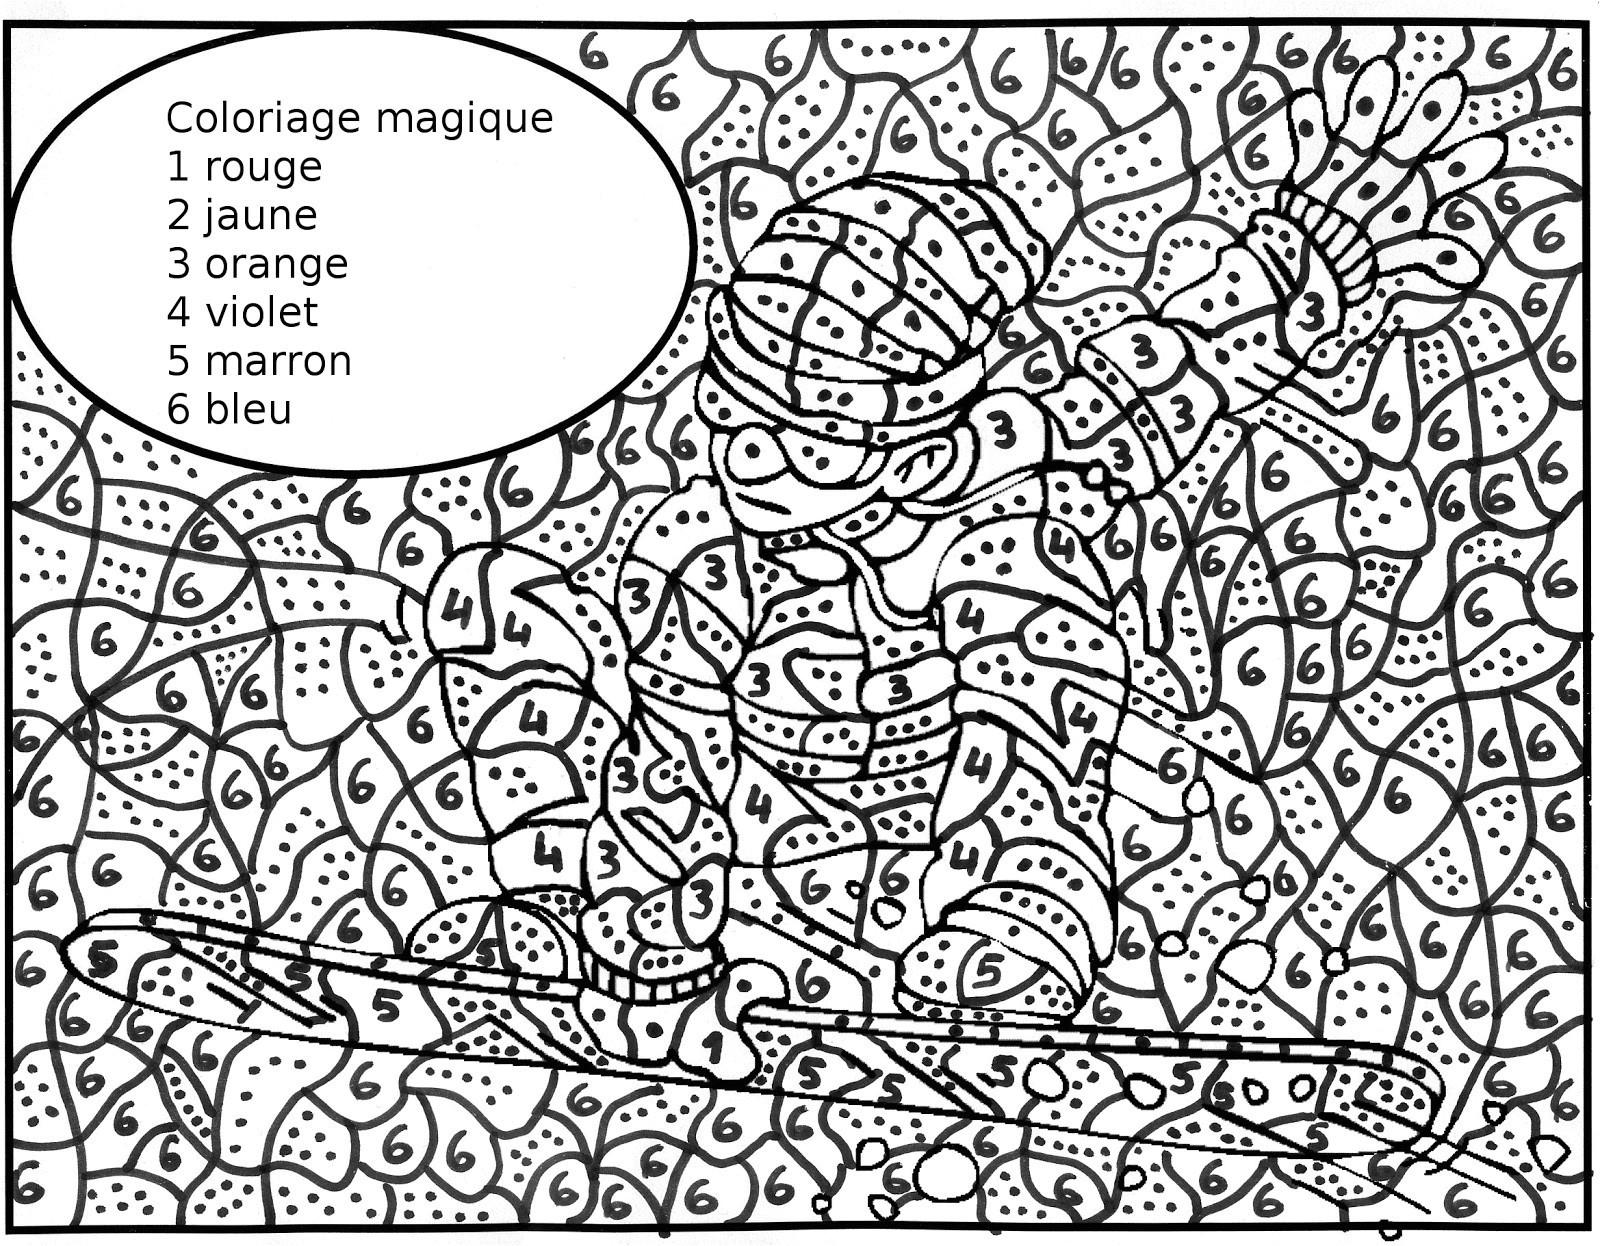 Coloriage Magique A Imprimer Dur | Coloriages À Imprimer tout Coloriage Magique Dur